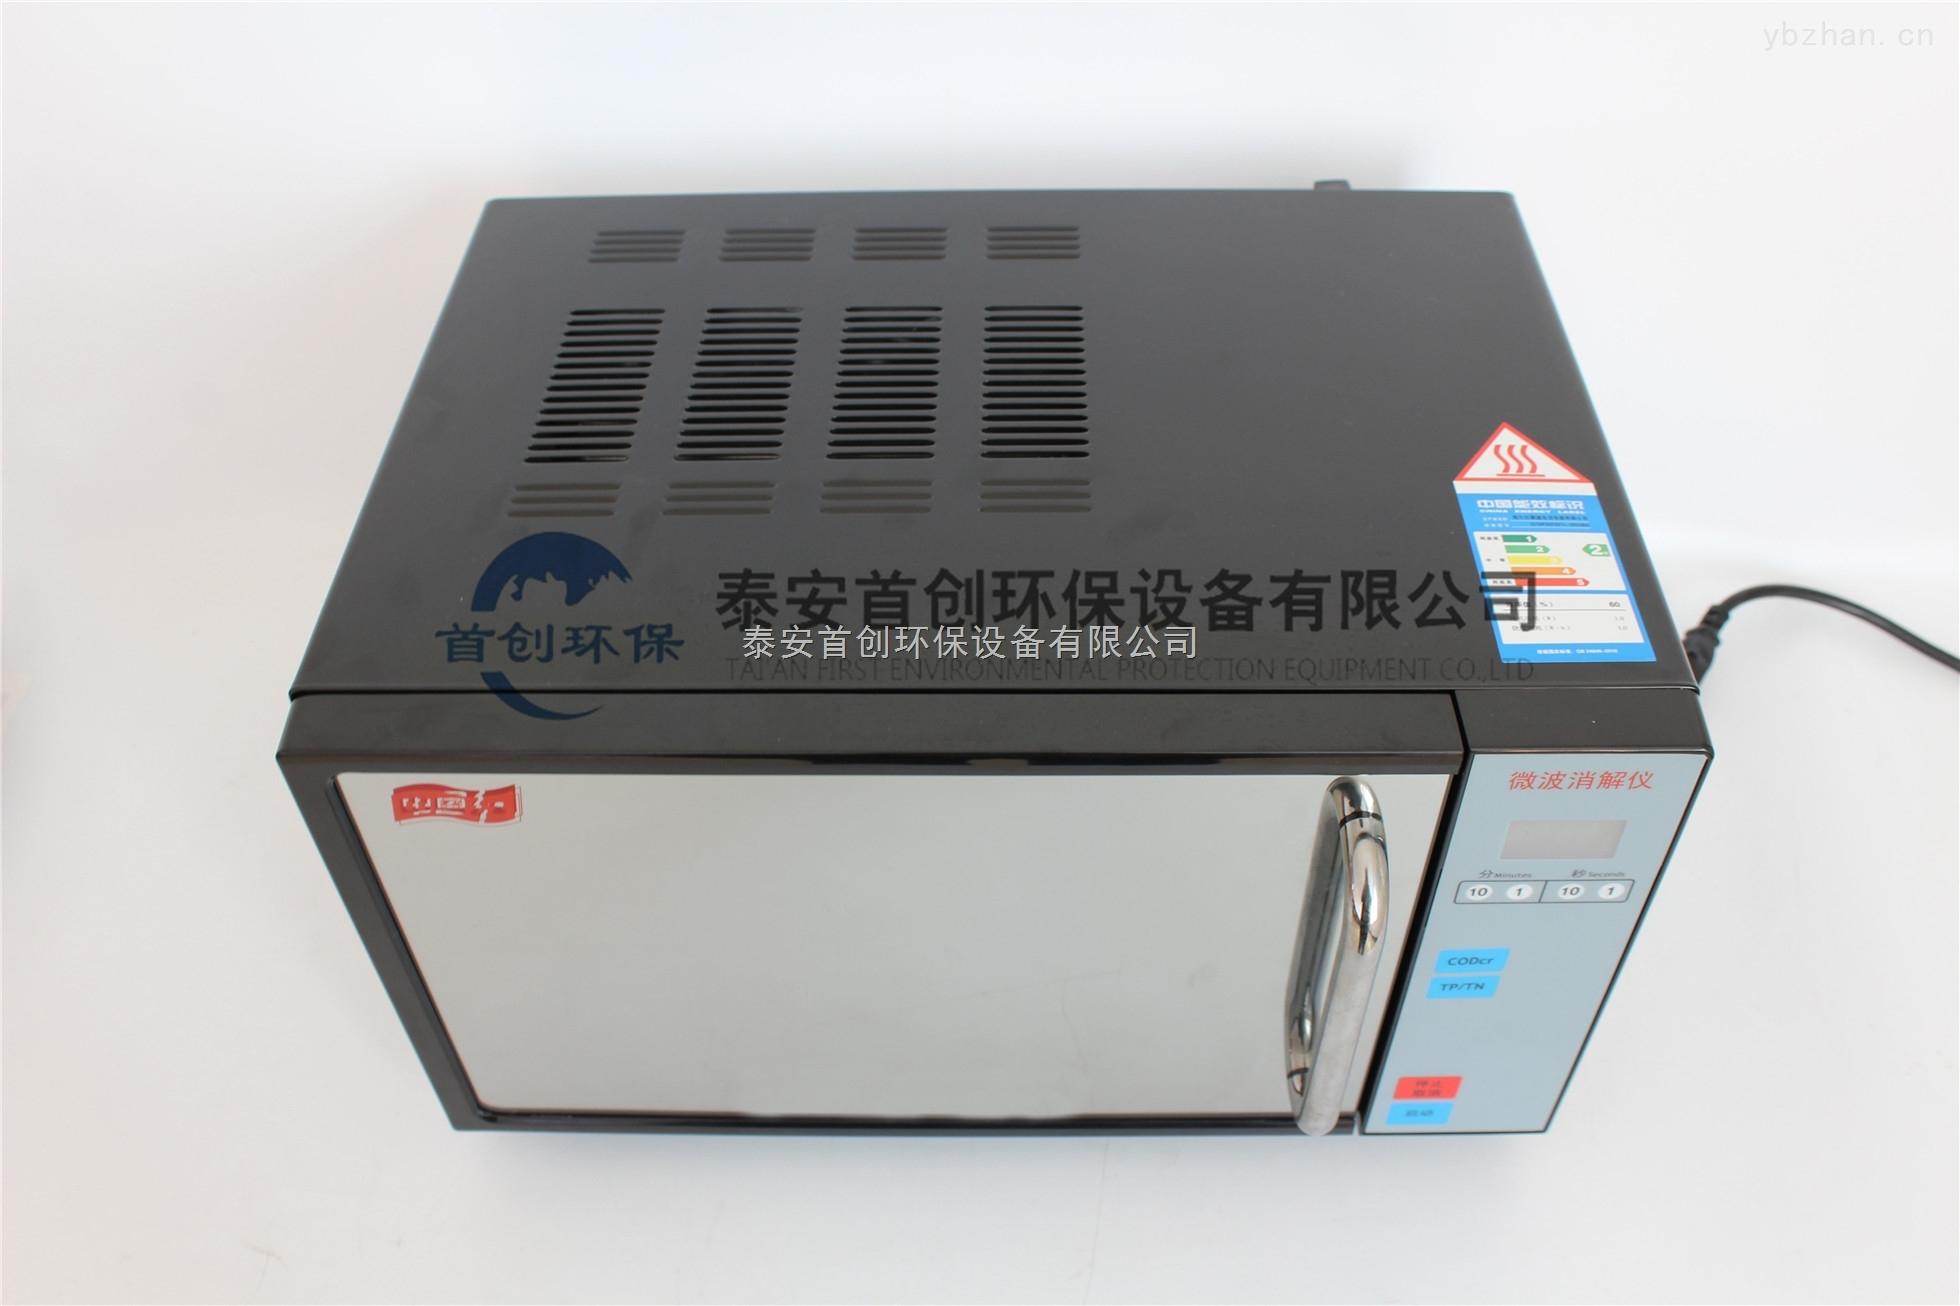 SC-35W型-微波消解器COD微波消解检测仪2017年报价